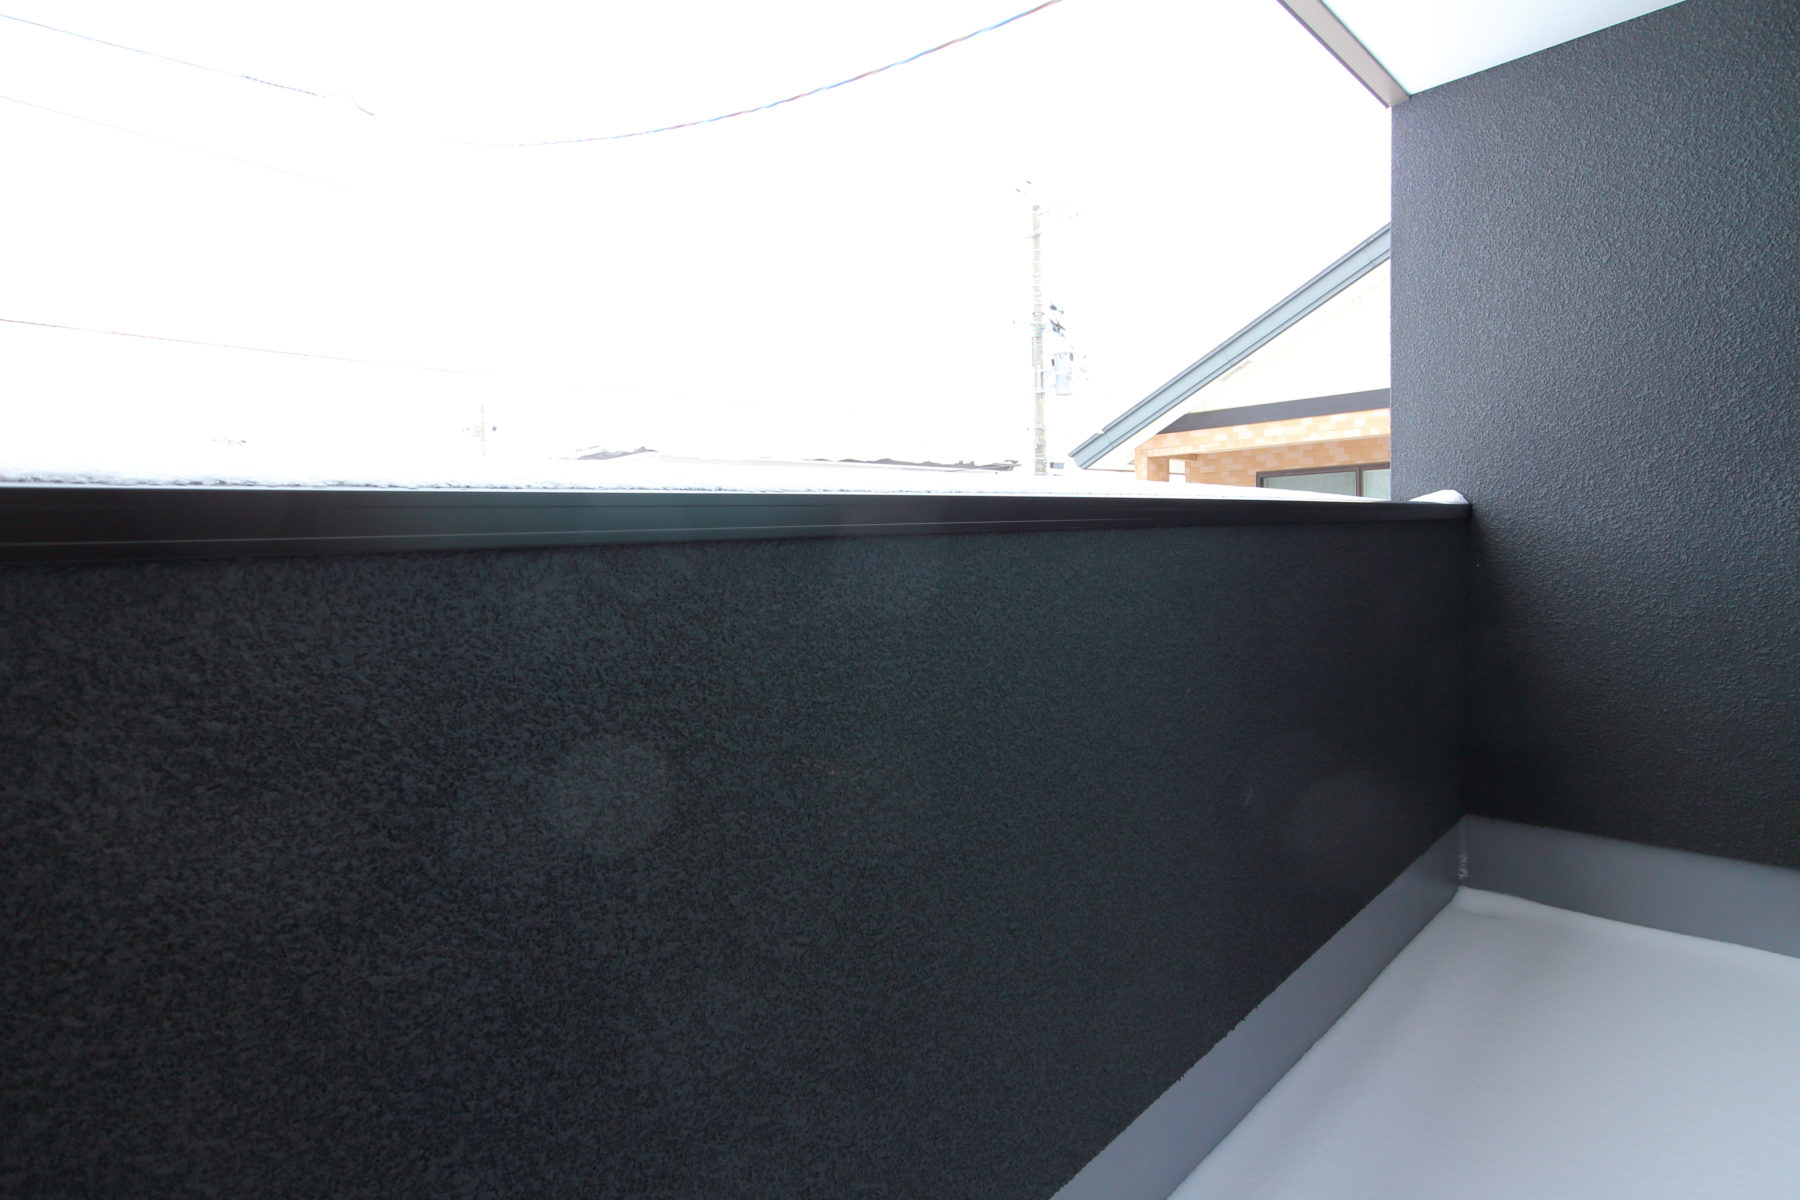 【秋田県・秋田市泉南三丁目】3LDK 新築戸建て・分譲住宅|バルコニー